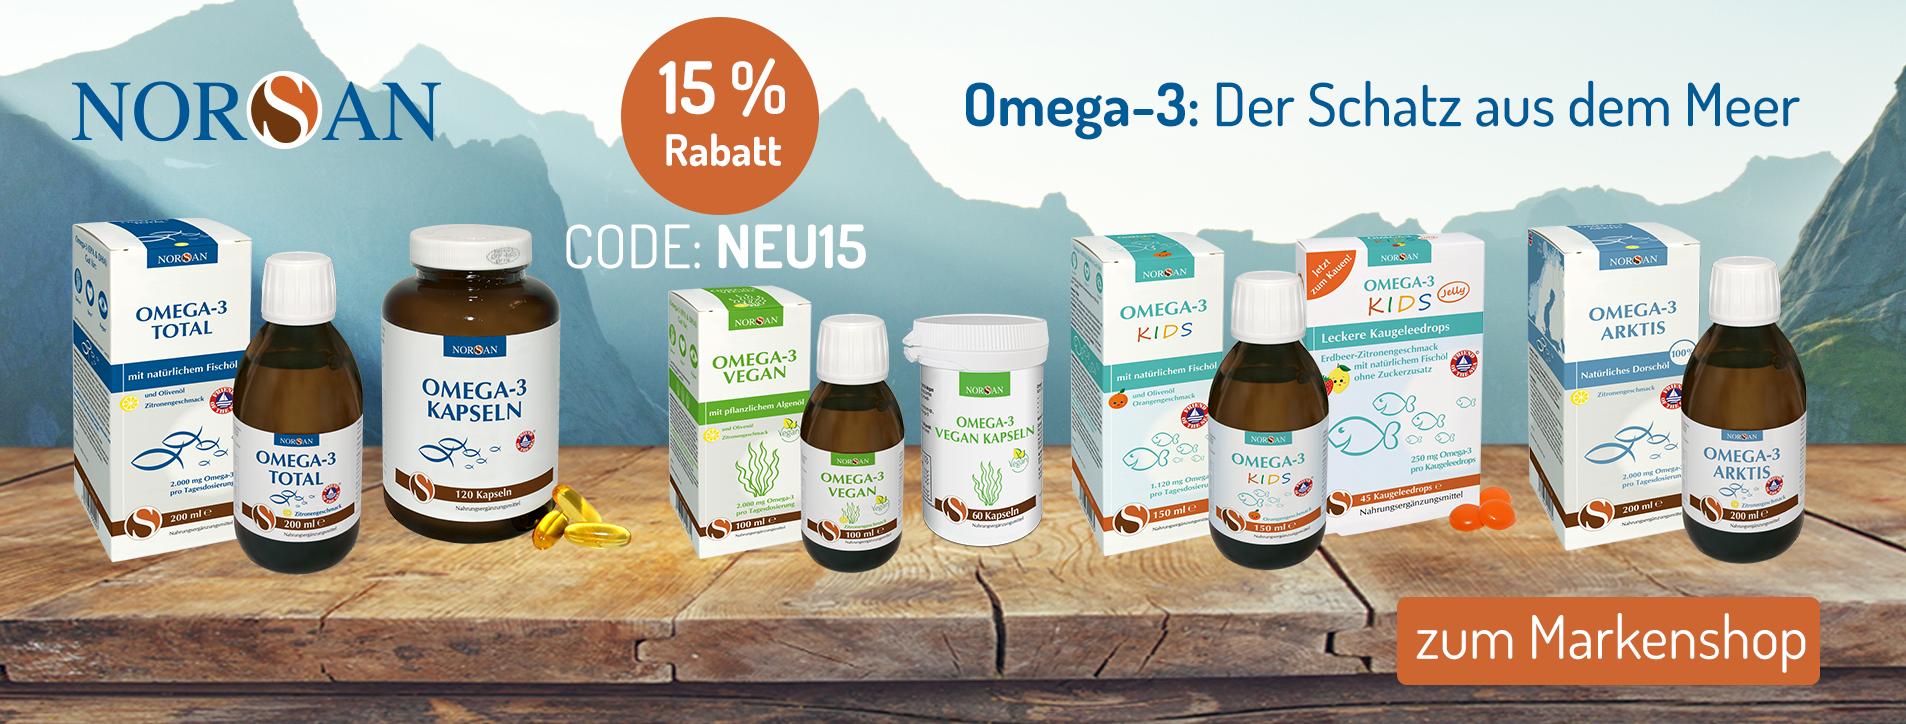 Empfohlen von Dr. med. Volker Schmiedel: Omega-3 Öle von NORSAN